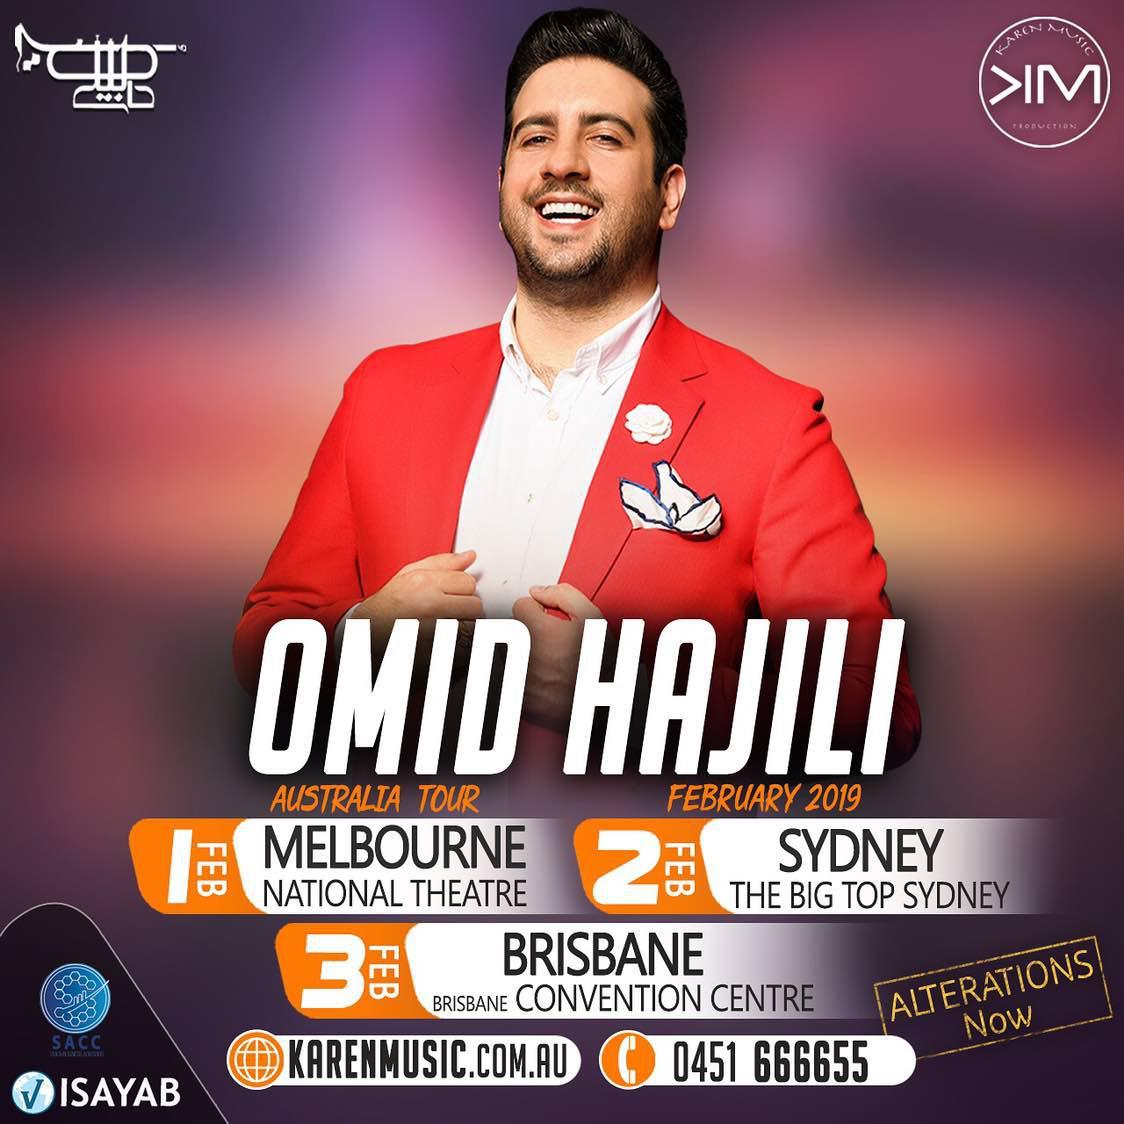 هفته آینده کنسرت پرانرژی امید حاجیلی در استرالیا